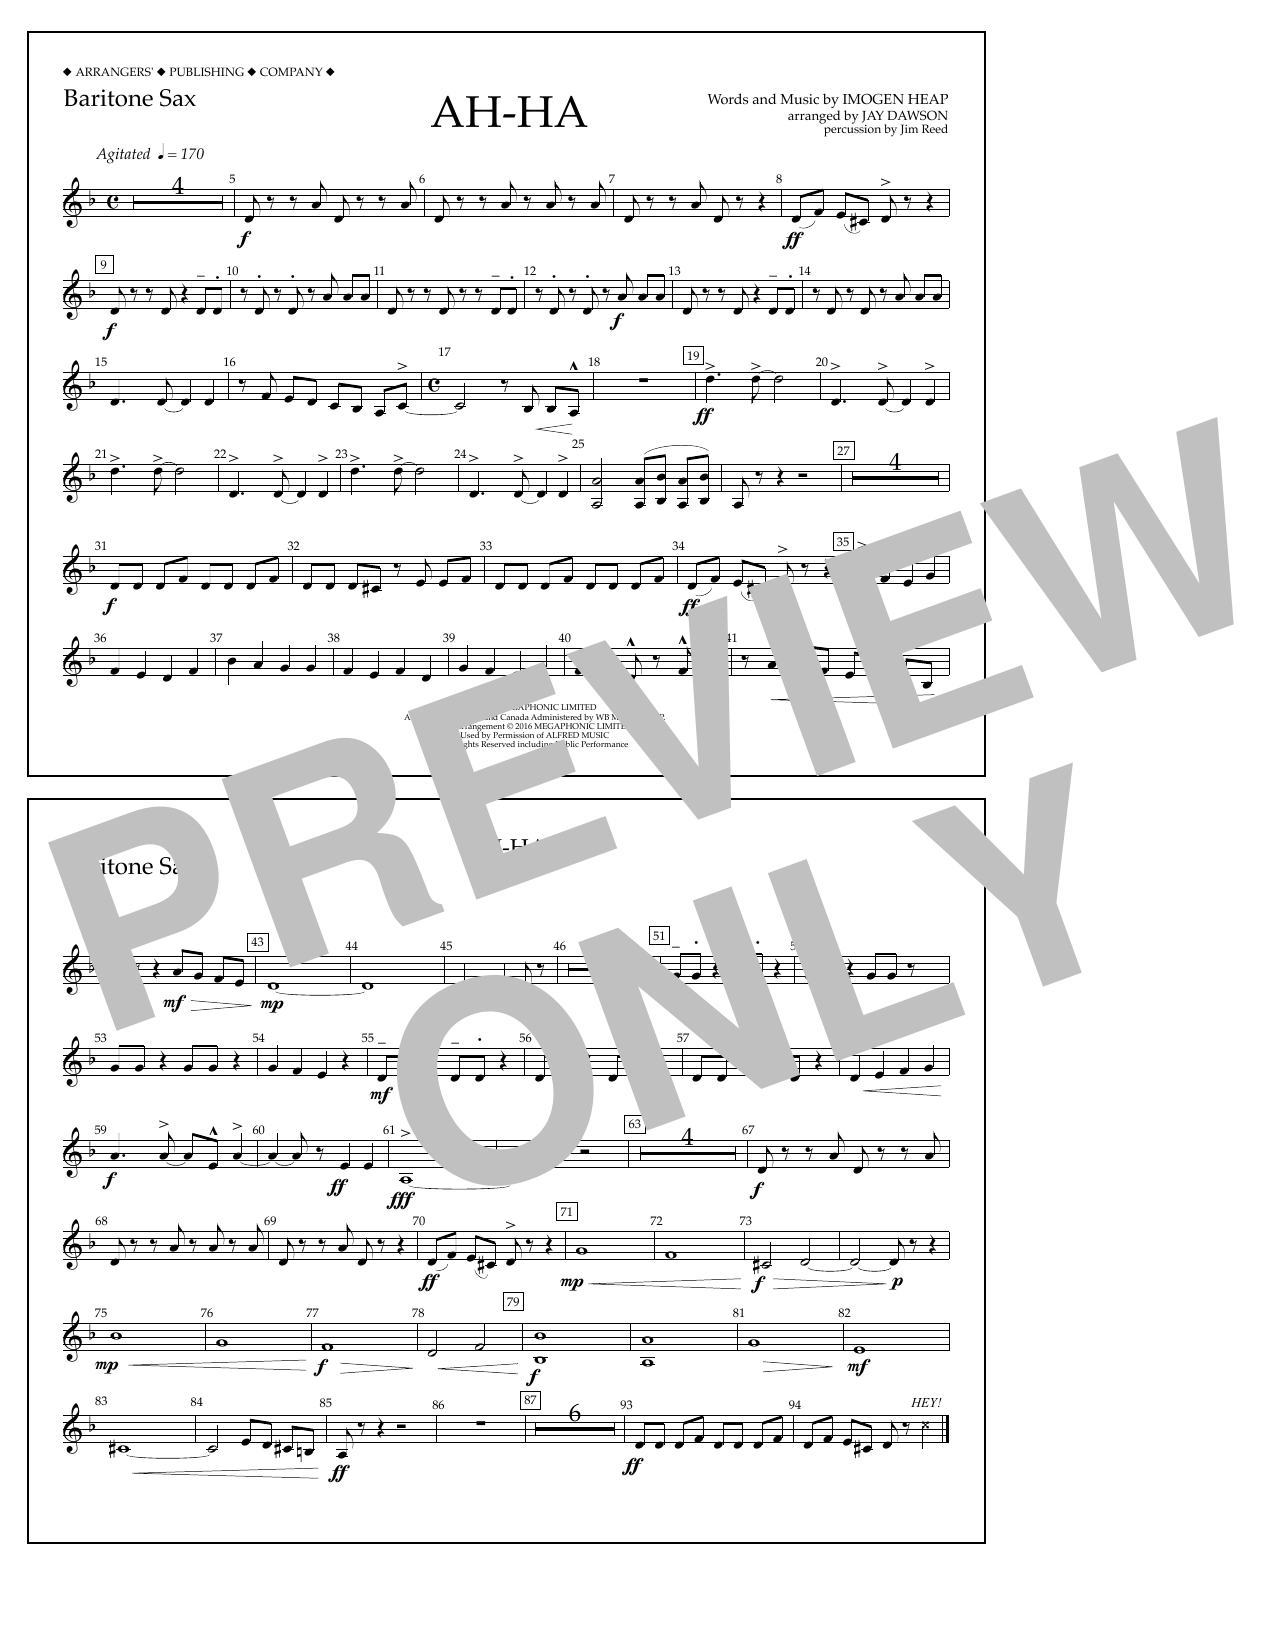 Jay Dawson Ah-ha - Baritone Sax sheet music notes and chords. Download Printable PDF.